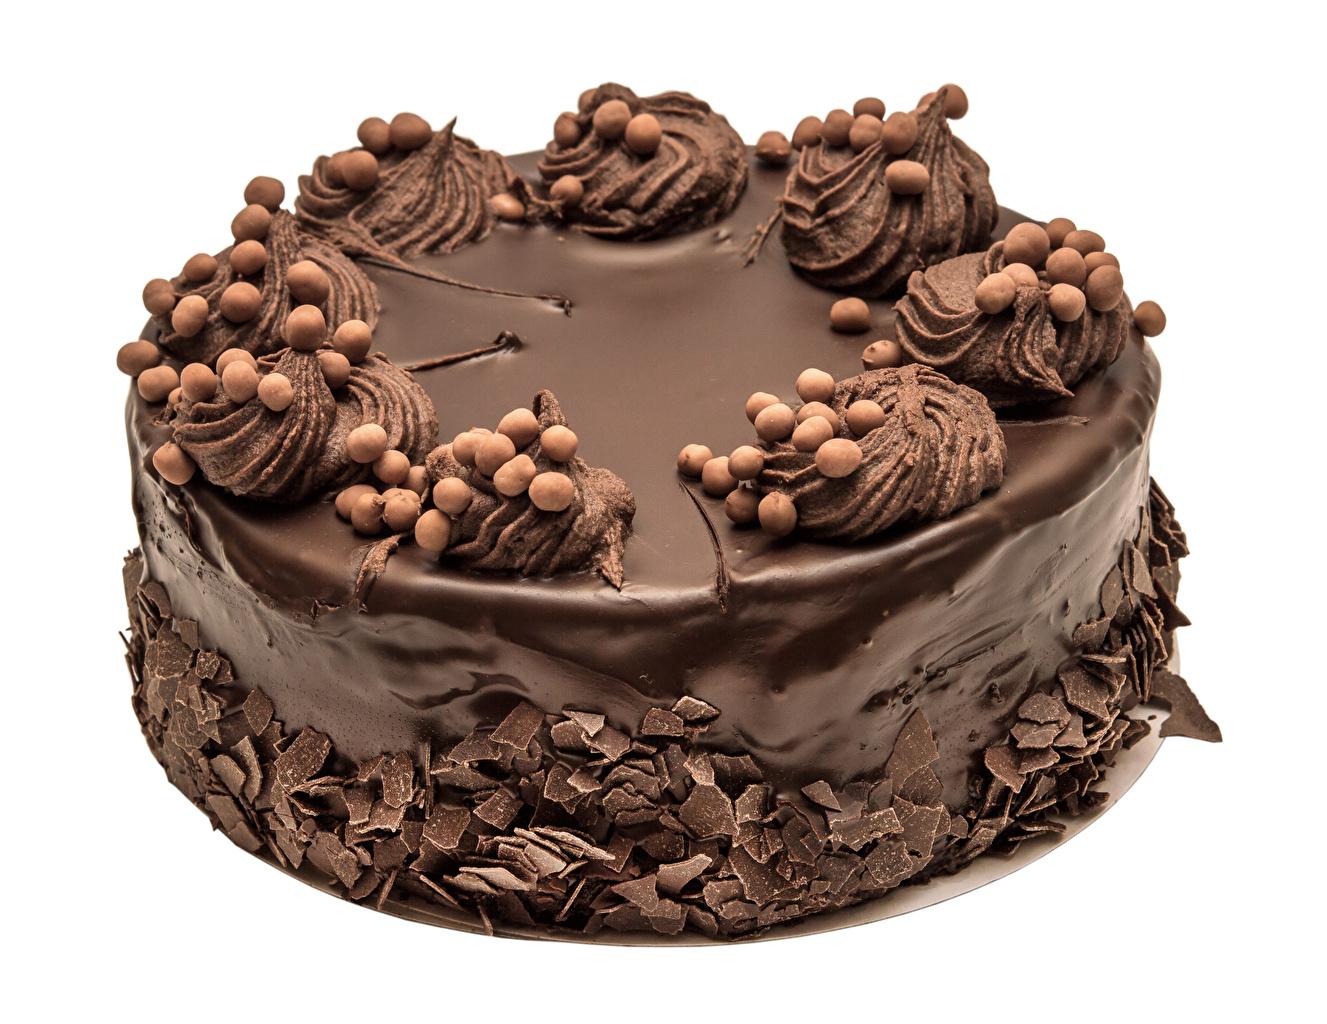 Foto Schokolade Torte Lebensmittel Süßware Weißer hintergrund Design Süßigkeiten